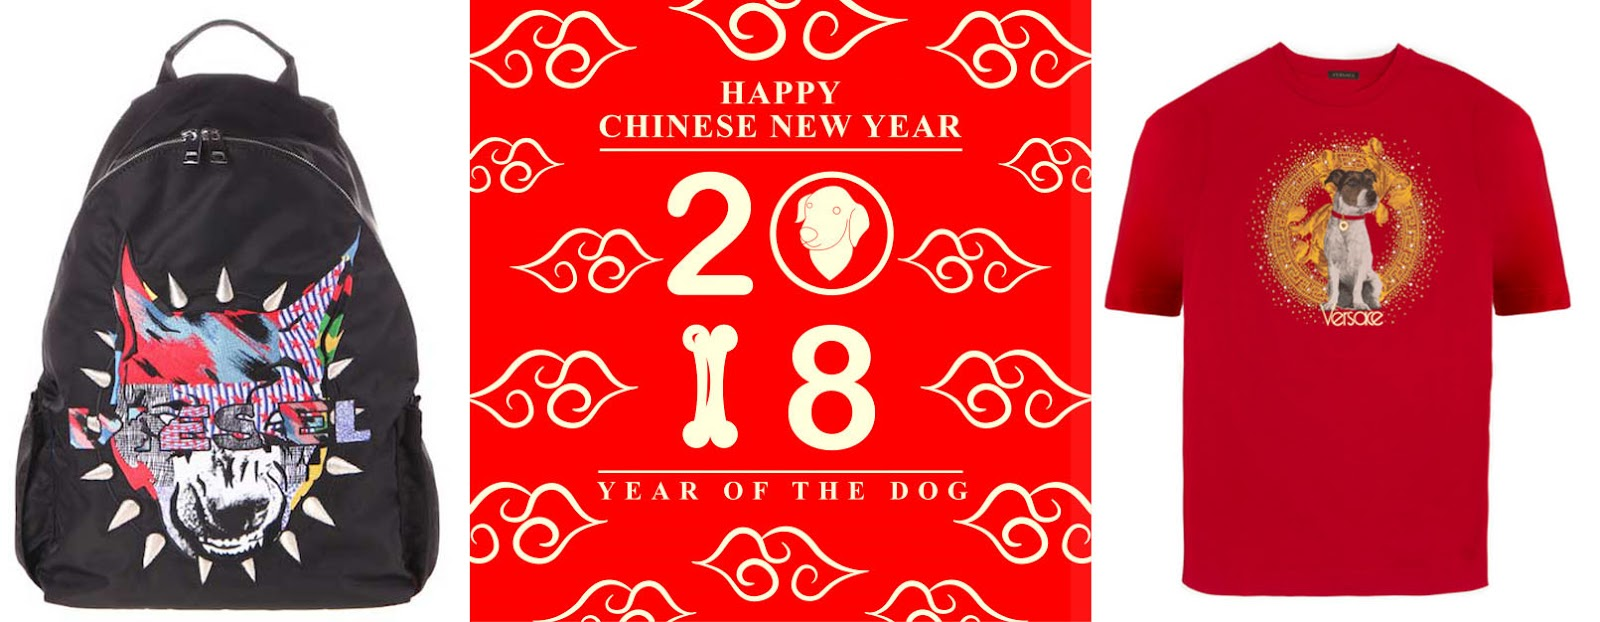 8ce93984c2 Capodanno Cinese: tutte le capsule collection dedicate all'Anno del Cane